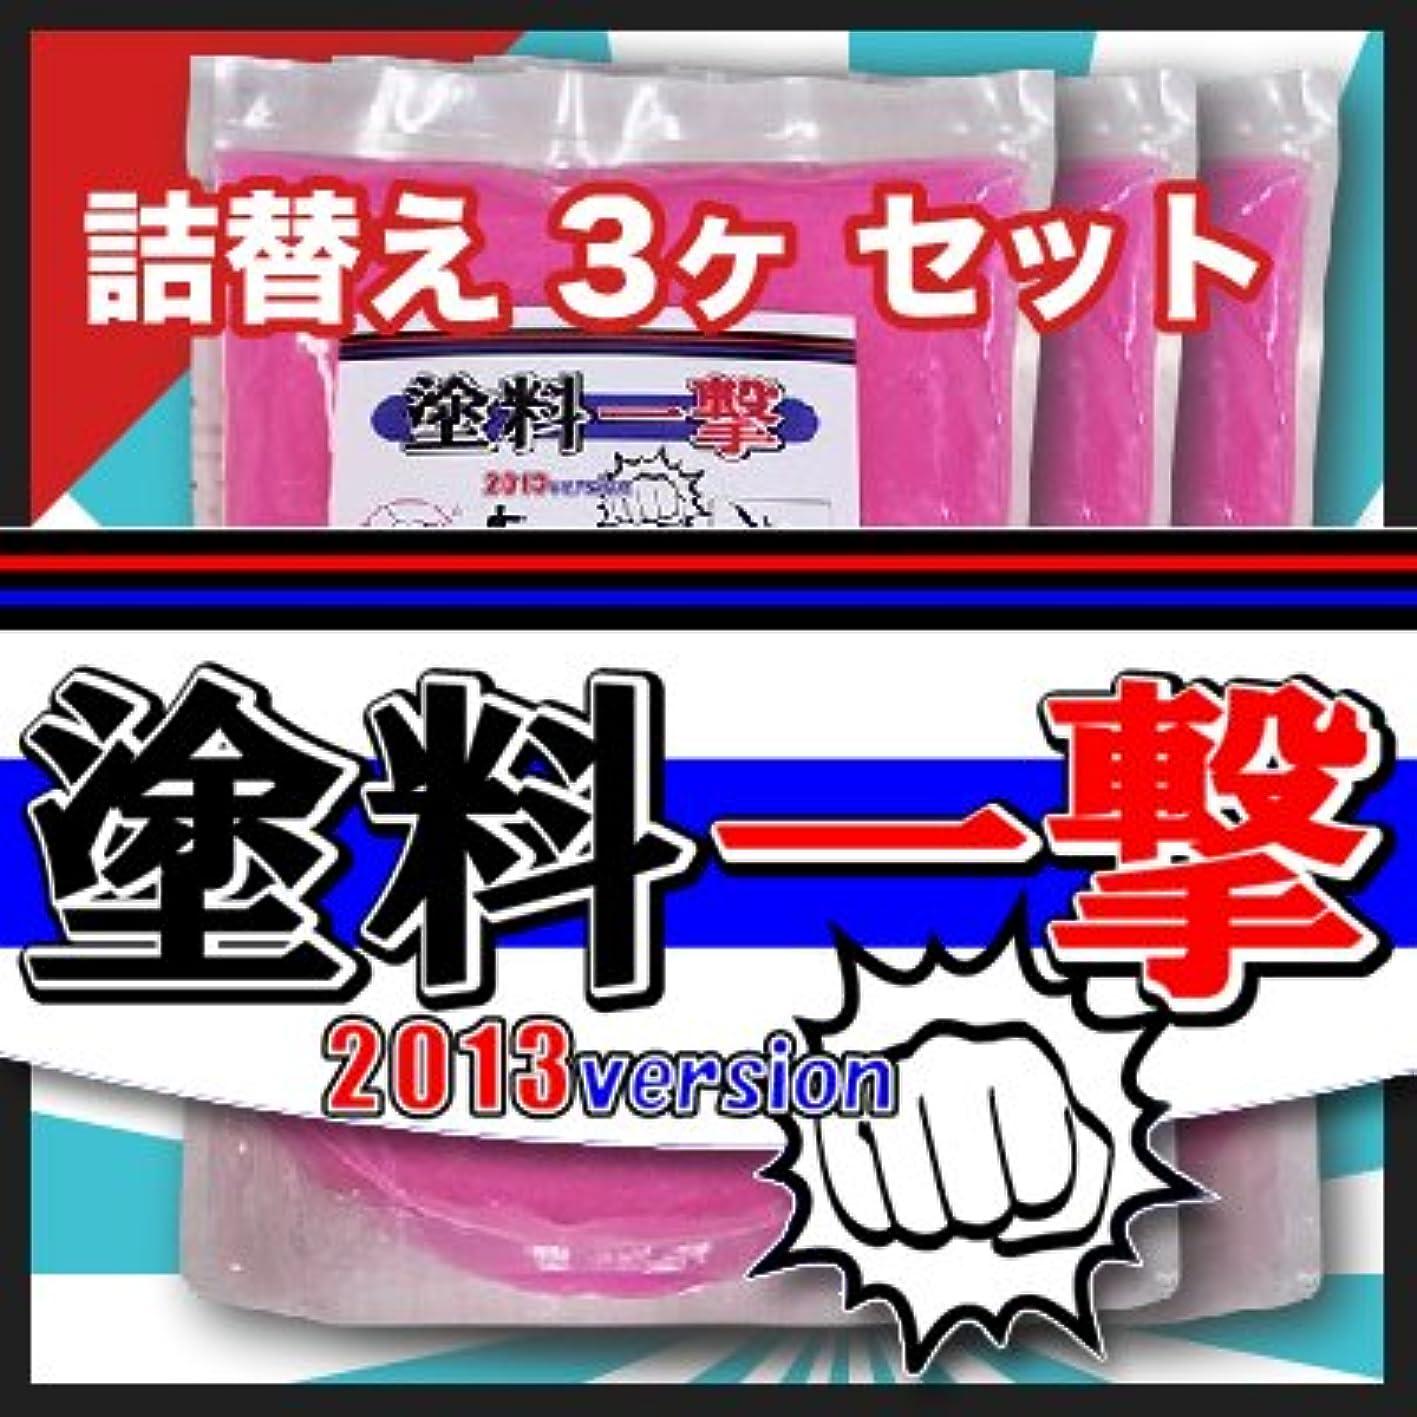 欠かせないクランプ耕すD.Iプランニング 塗料一撃 2013 Version 詰替え (1.2kg x 3ヶ)